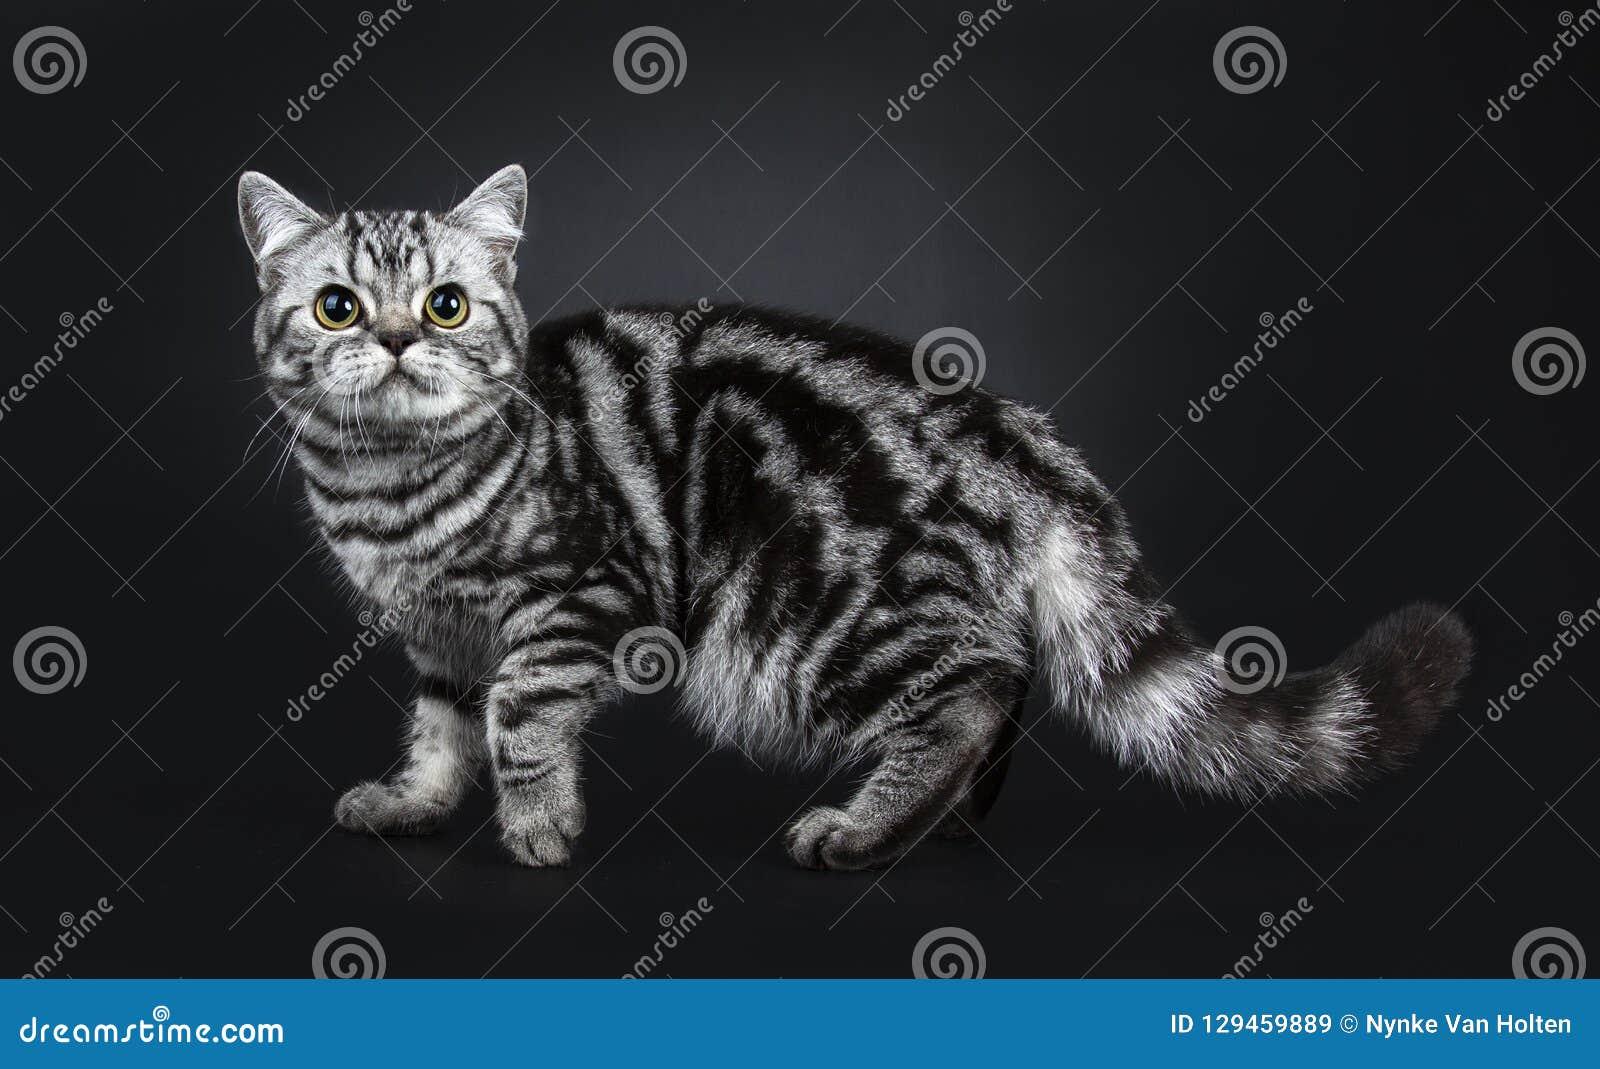 För Shorthair för utmärkt svartsilverstrimmig katt som flammiga brittiska kattungar katt isoleras på svart bakgrund